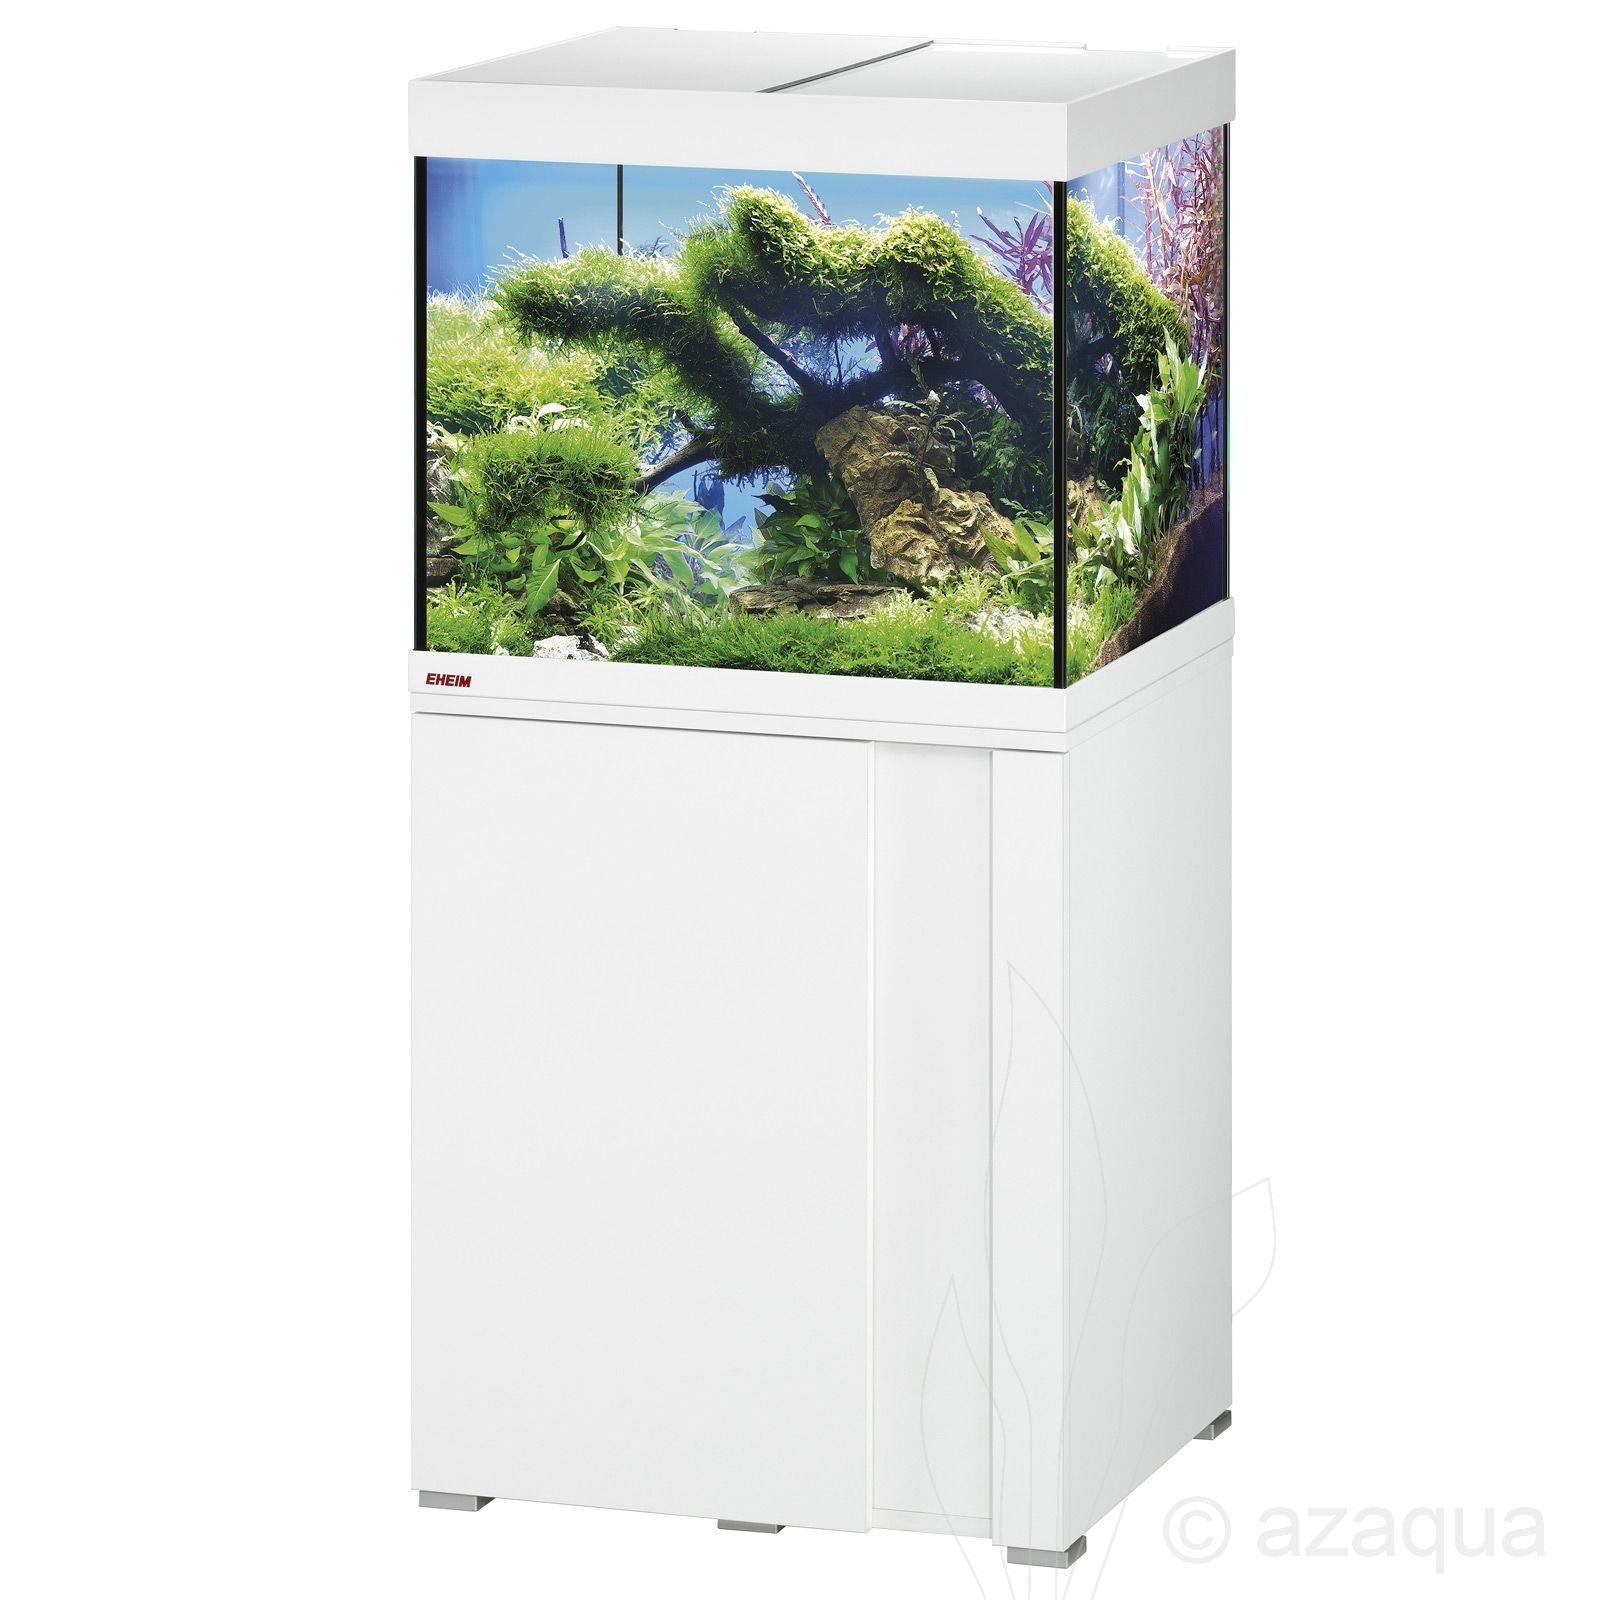 EHEIM Vivaline 150 LED+ white